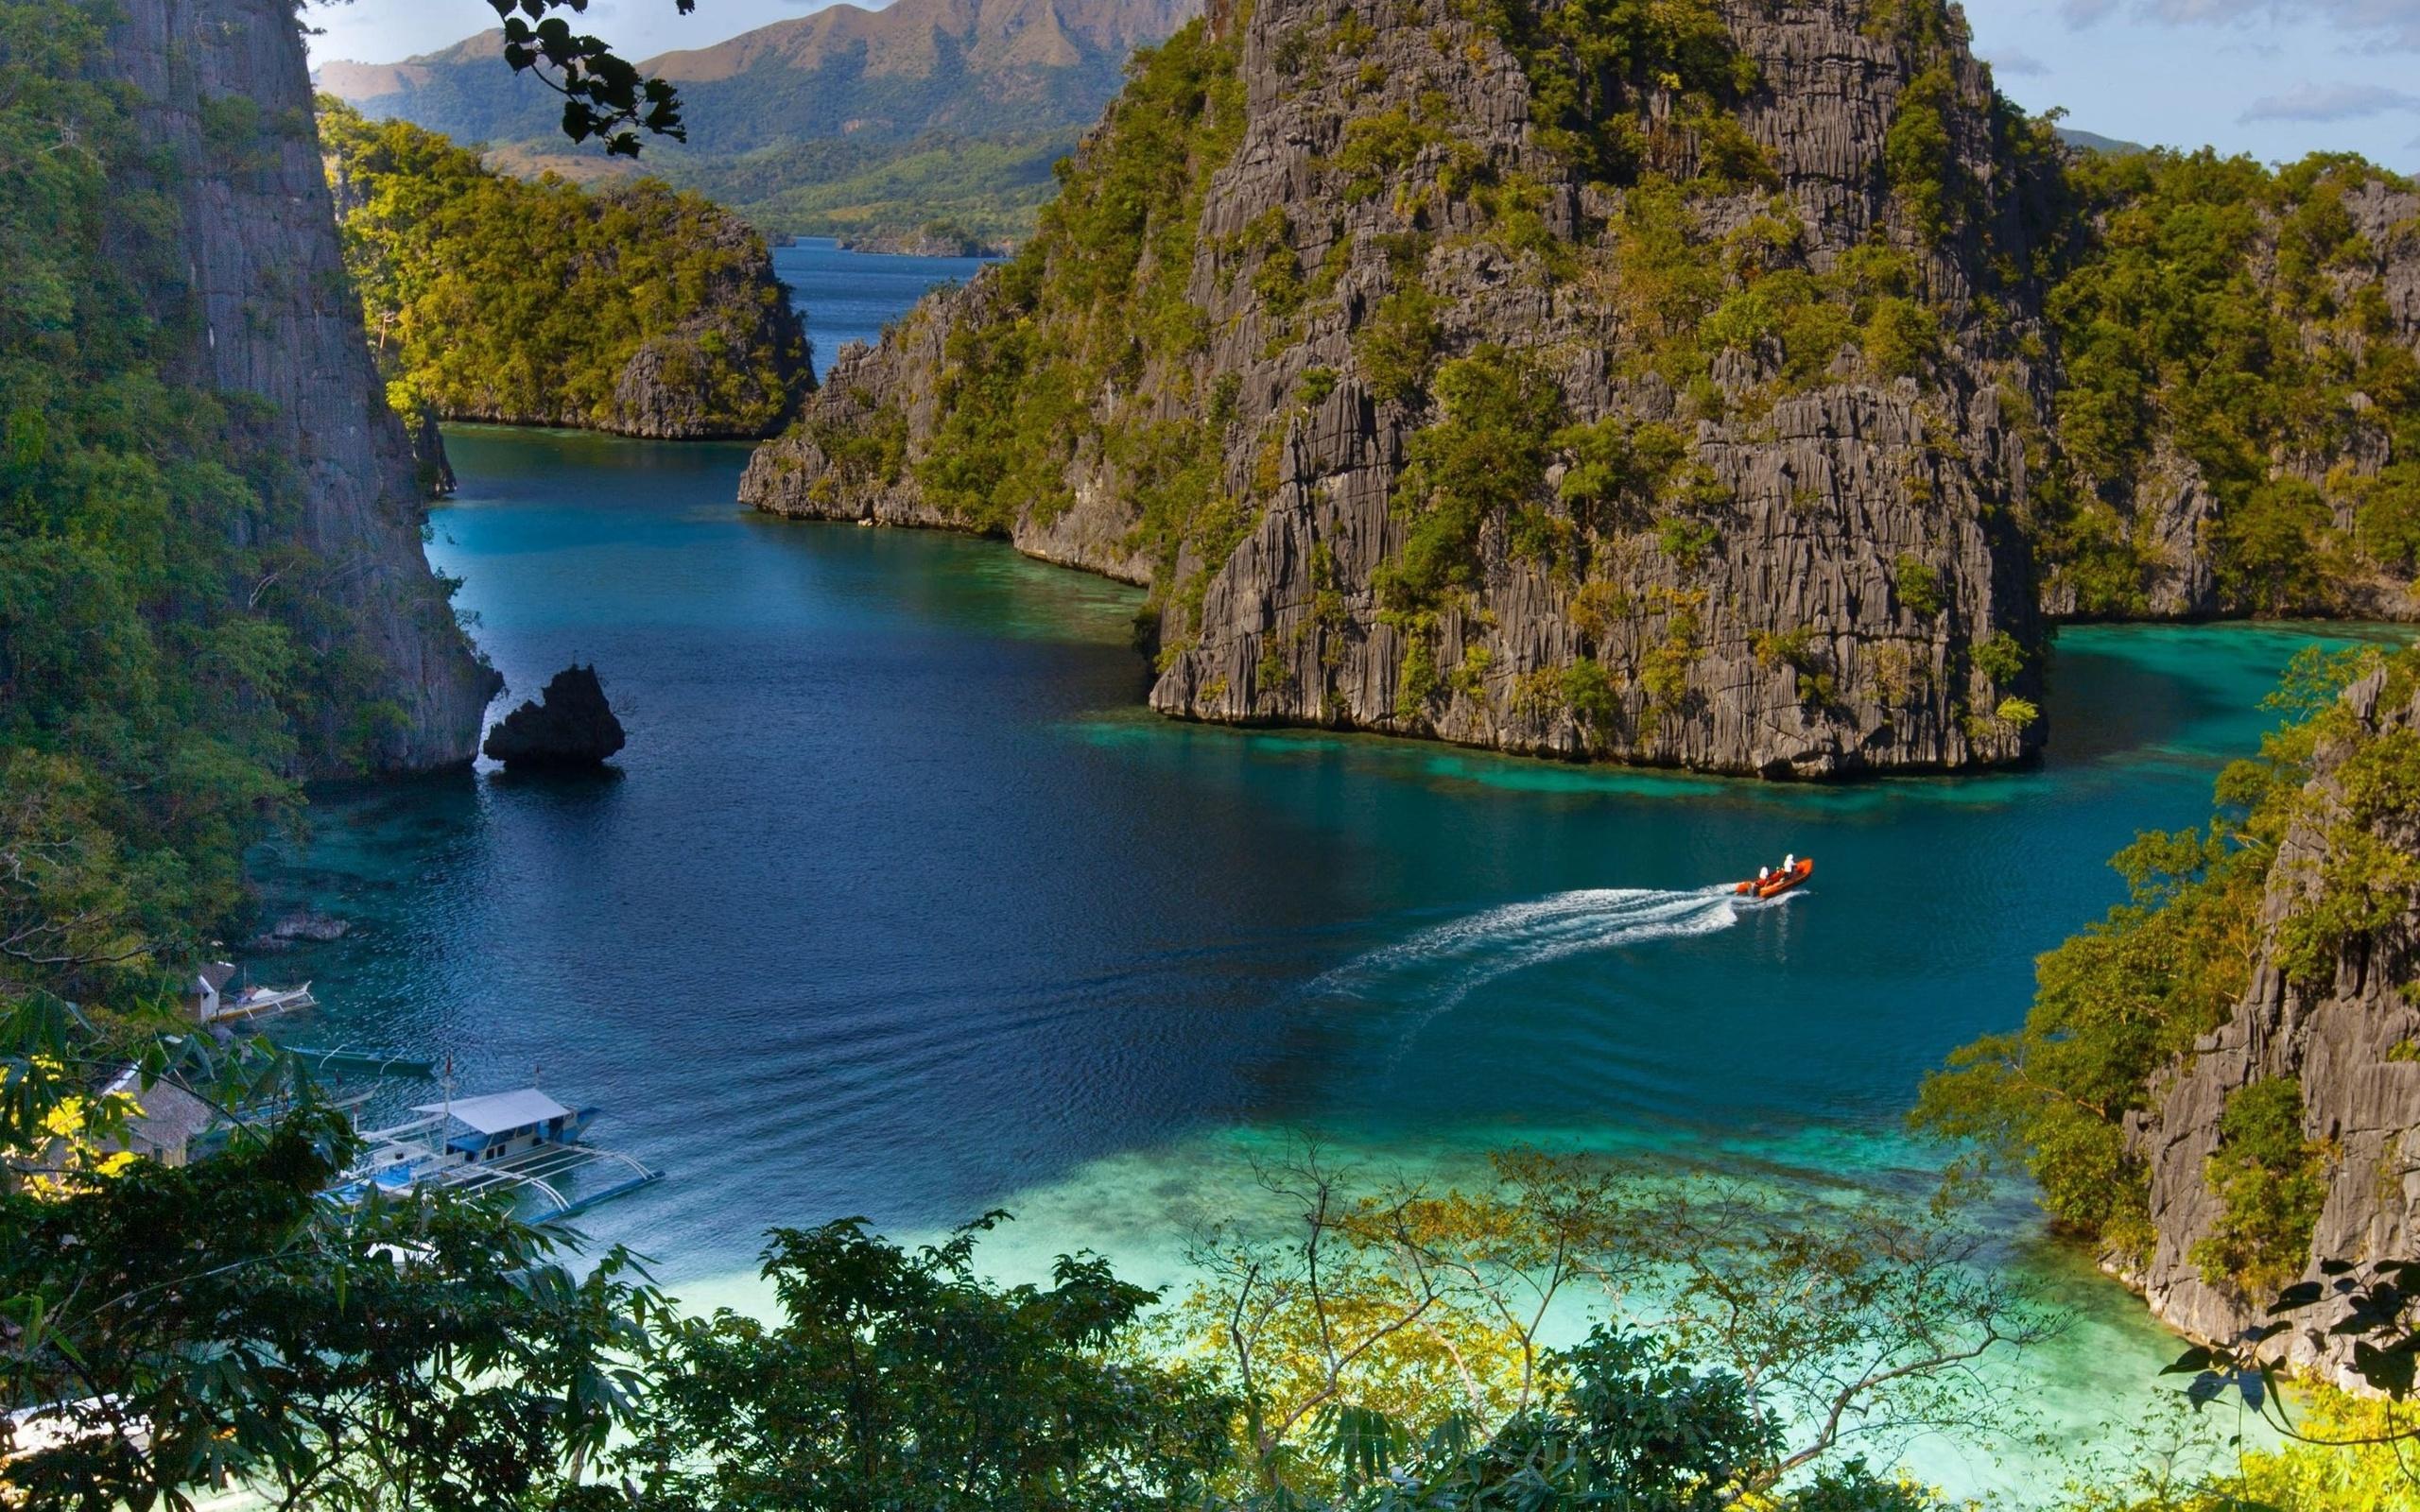 природа, океан, курорт, скалы, горы, тропики, красиво, лес, катер